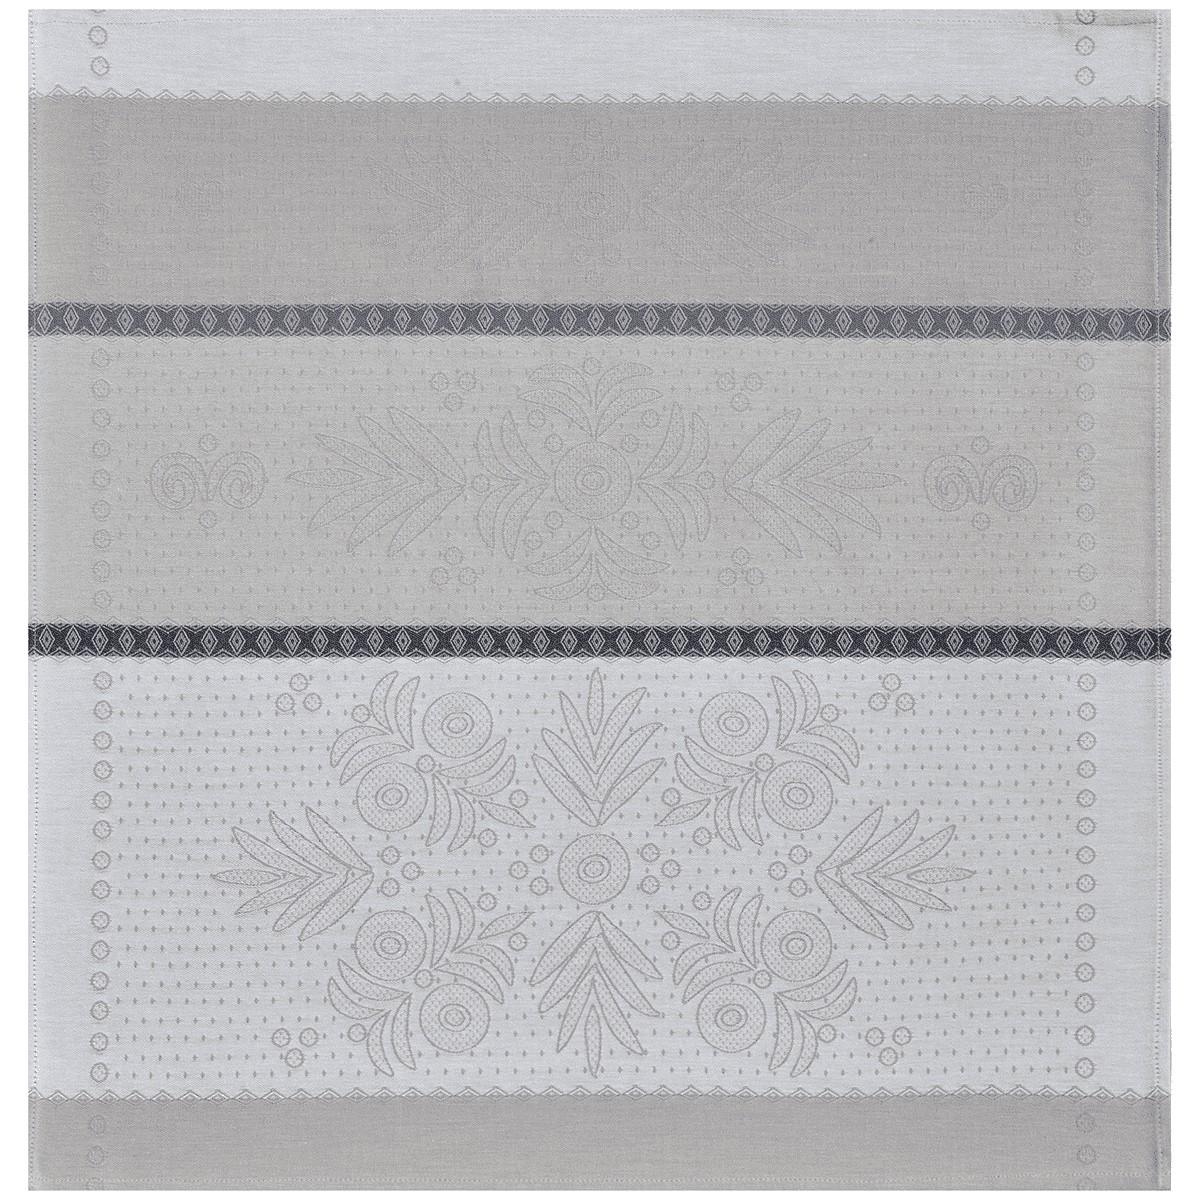 VENT D'OUEST - Serviette de table en 100% coton gris 58x58